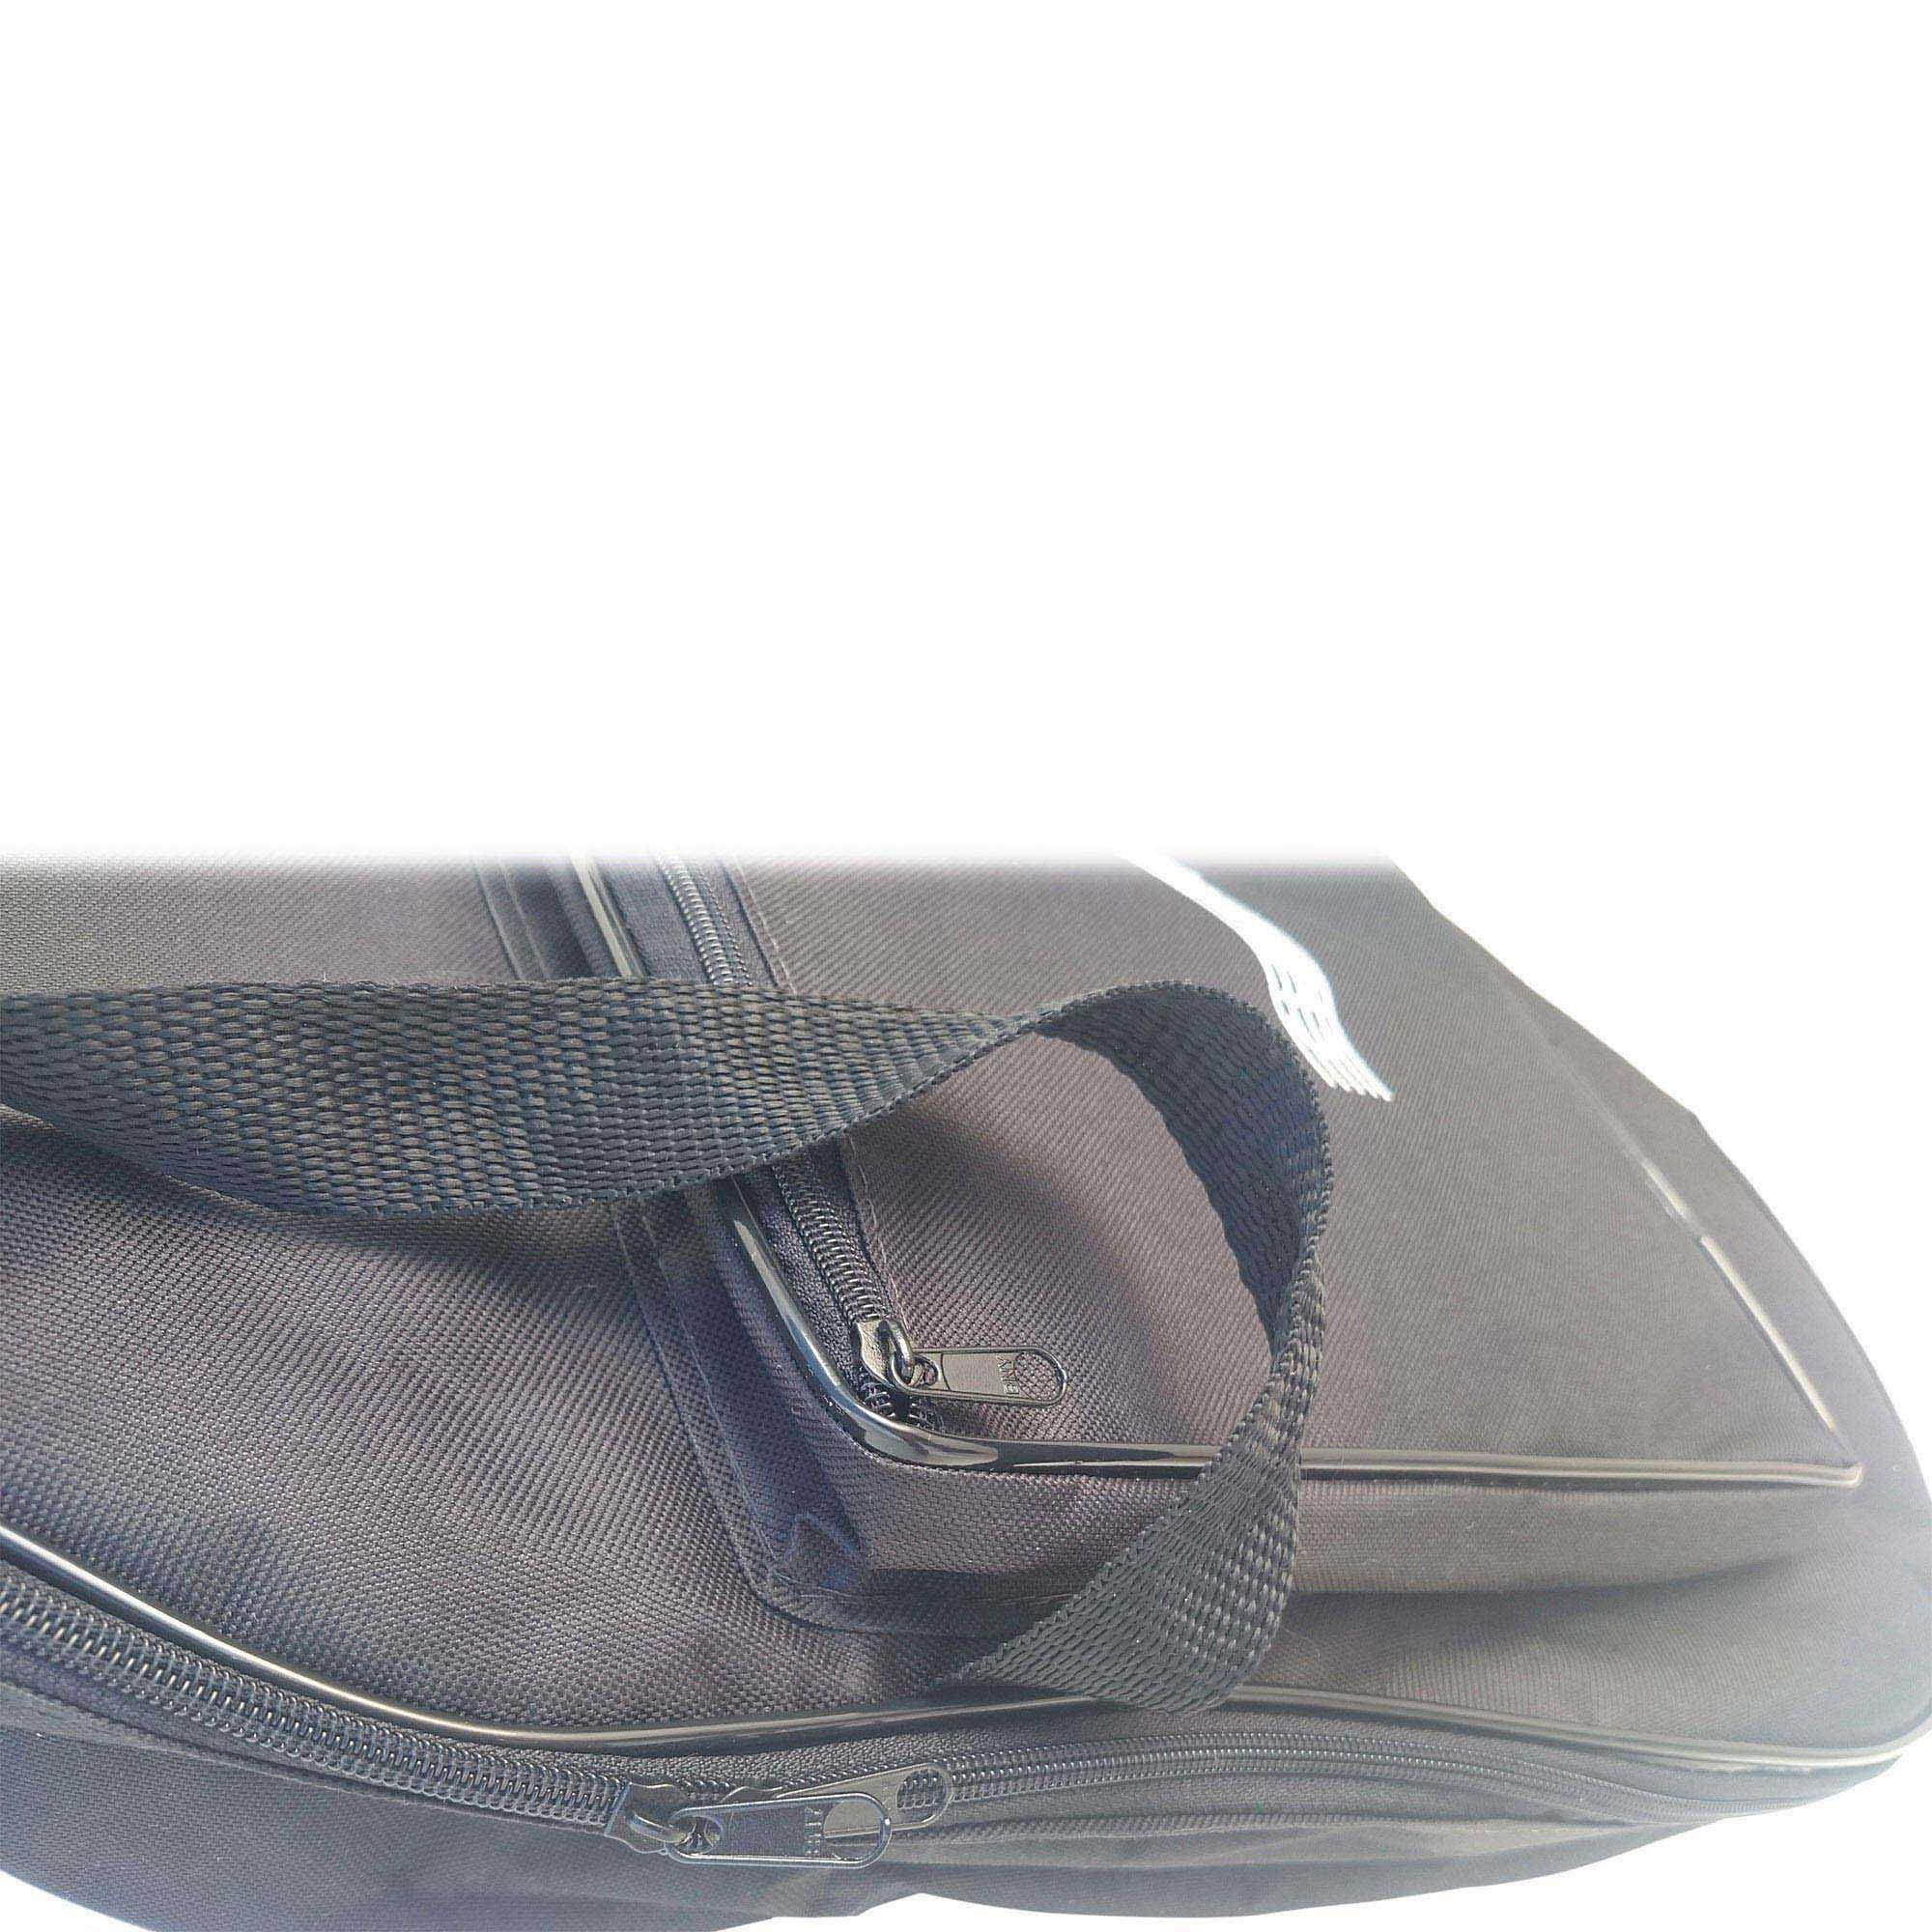 Capa para Violão 12 Cordas Luxo CLAVE & BAG. Acolchoada, alça de mão e de mochila. LU 505